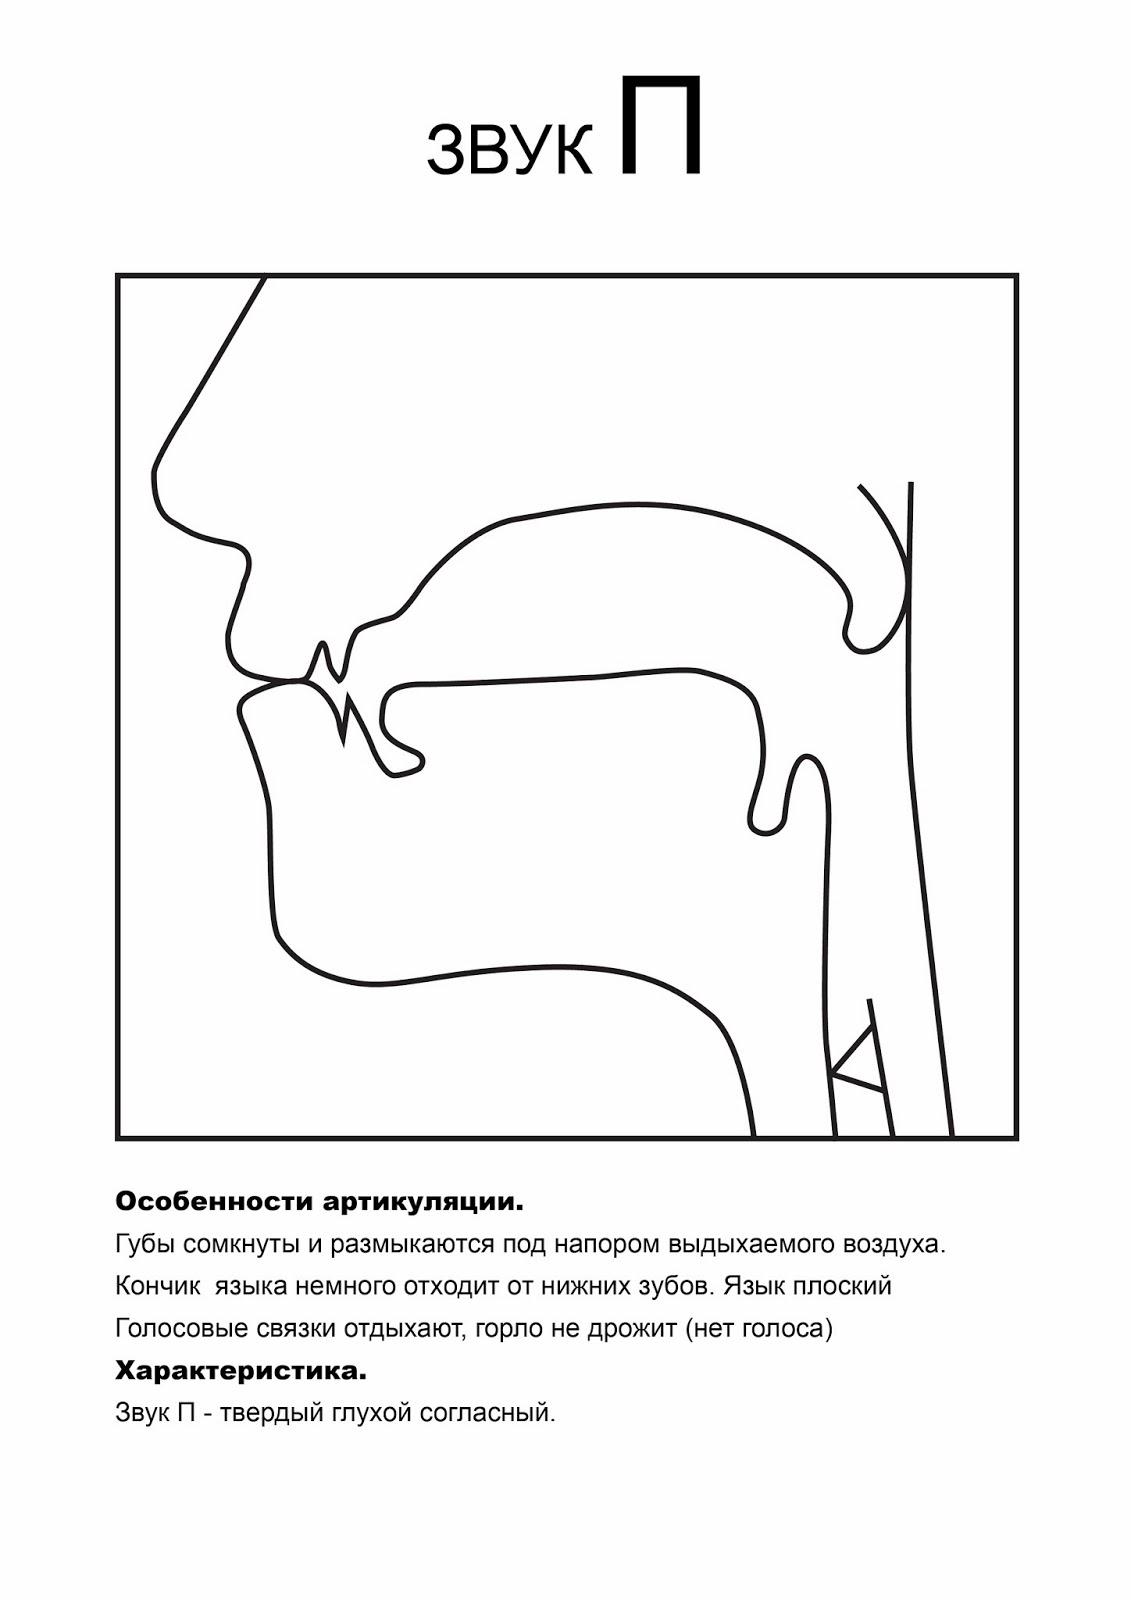 Артикуляционные профили звуков в картинках